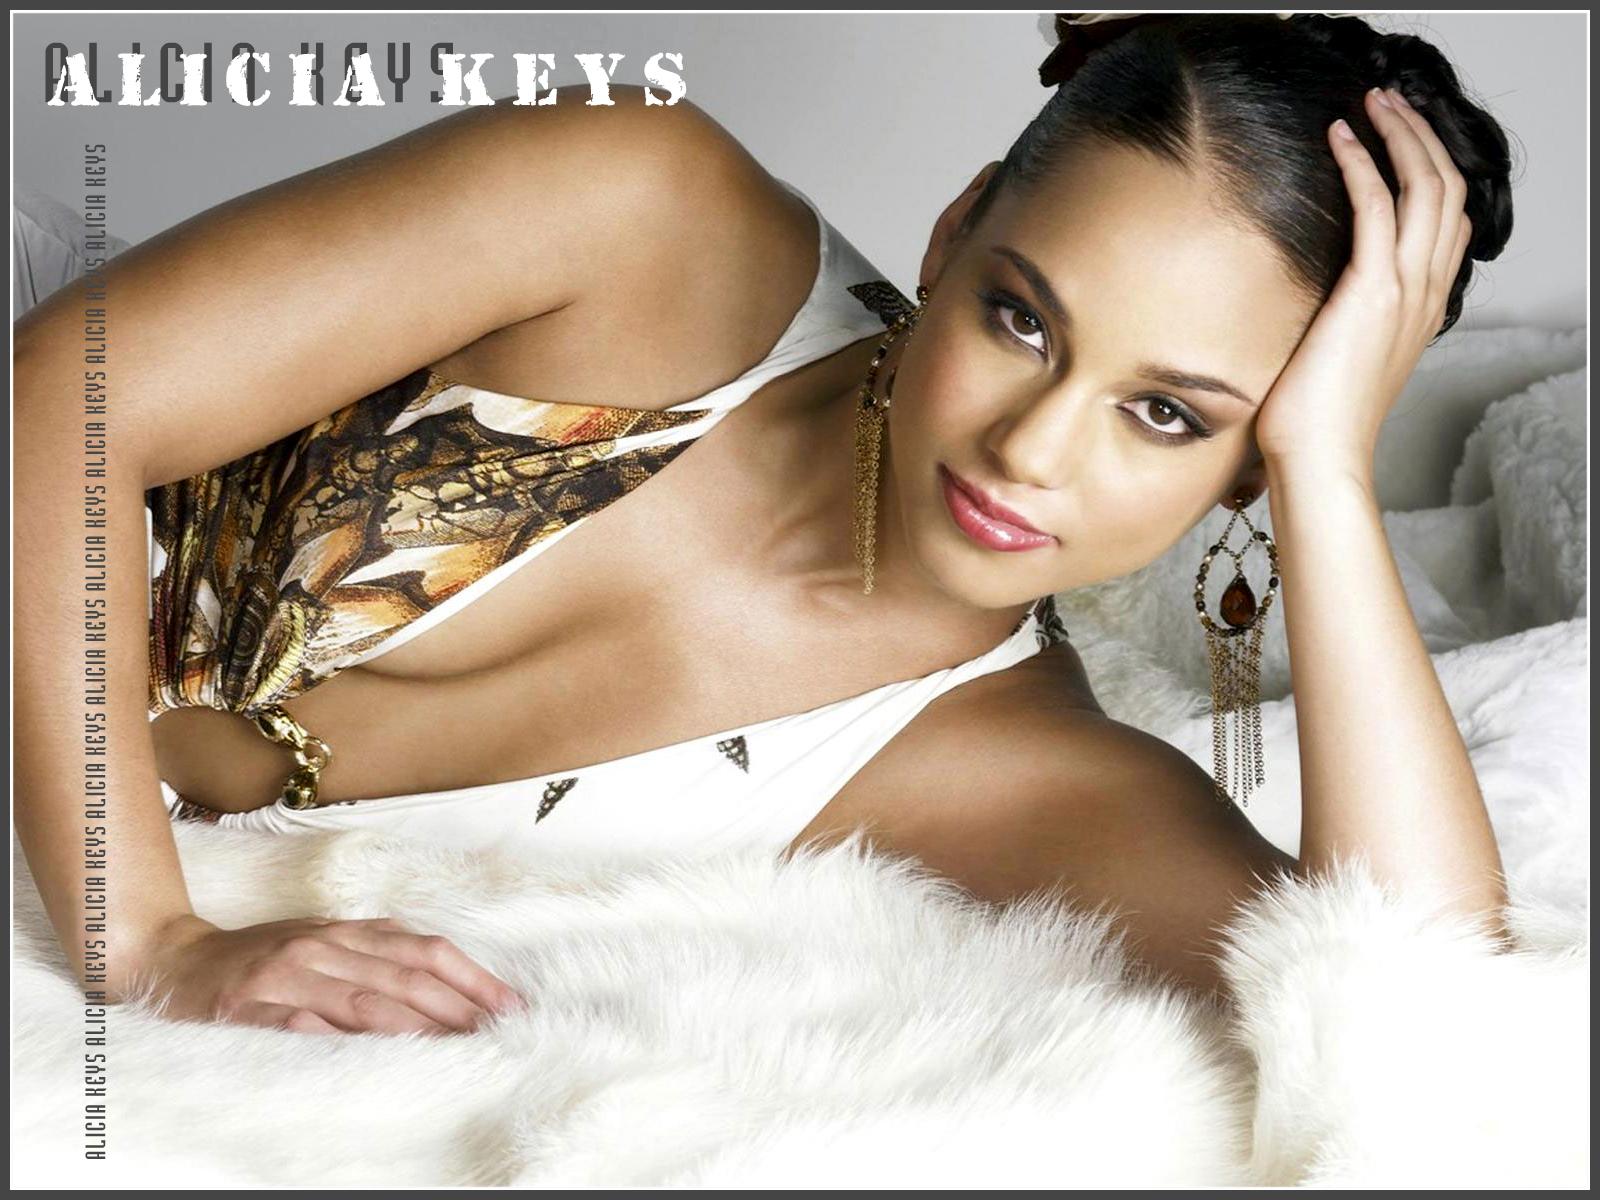 http://2.bp.blogspot.com/-AfIhy8_-ChI/ULoggklBr1I/AAAAAAAADEI/UwJT3YKAI2M/s1600/Alicia-Keys-1.jpg